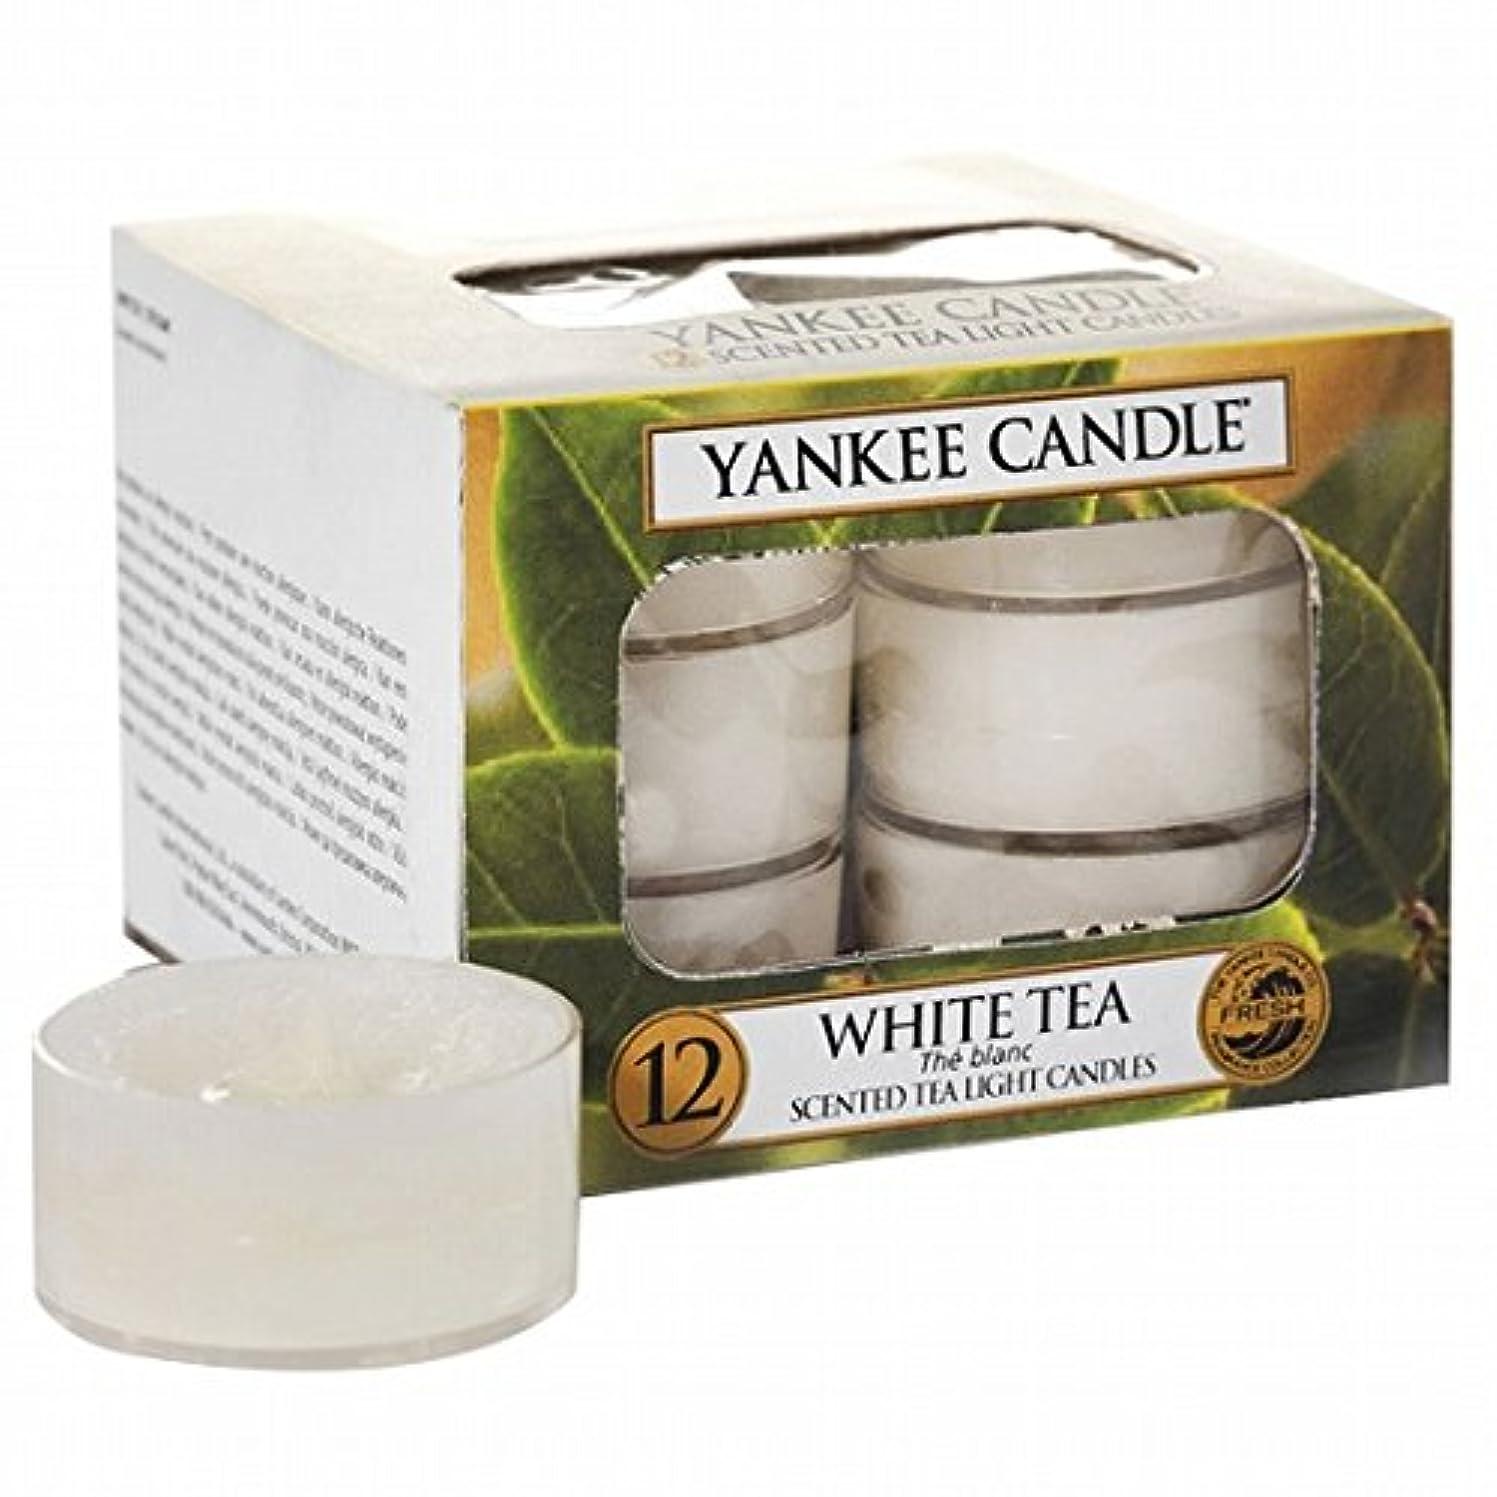 バブル失われたマインドフルヤンキーキャンドル(YANKEE CANDLE) YANKEE CANDLE クリアカップティーライト12個入り 「ホワイトティー」